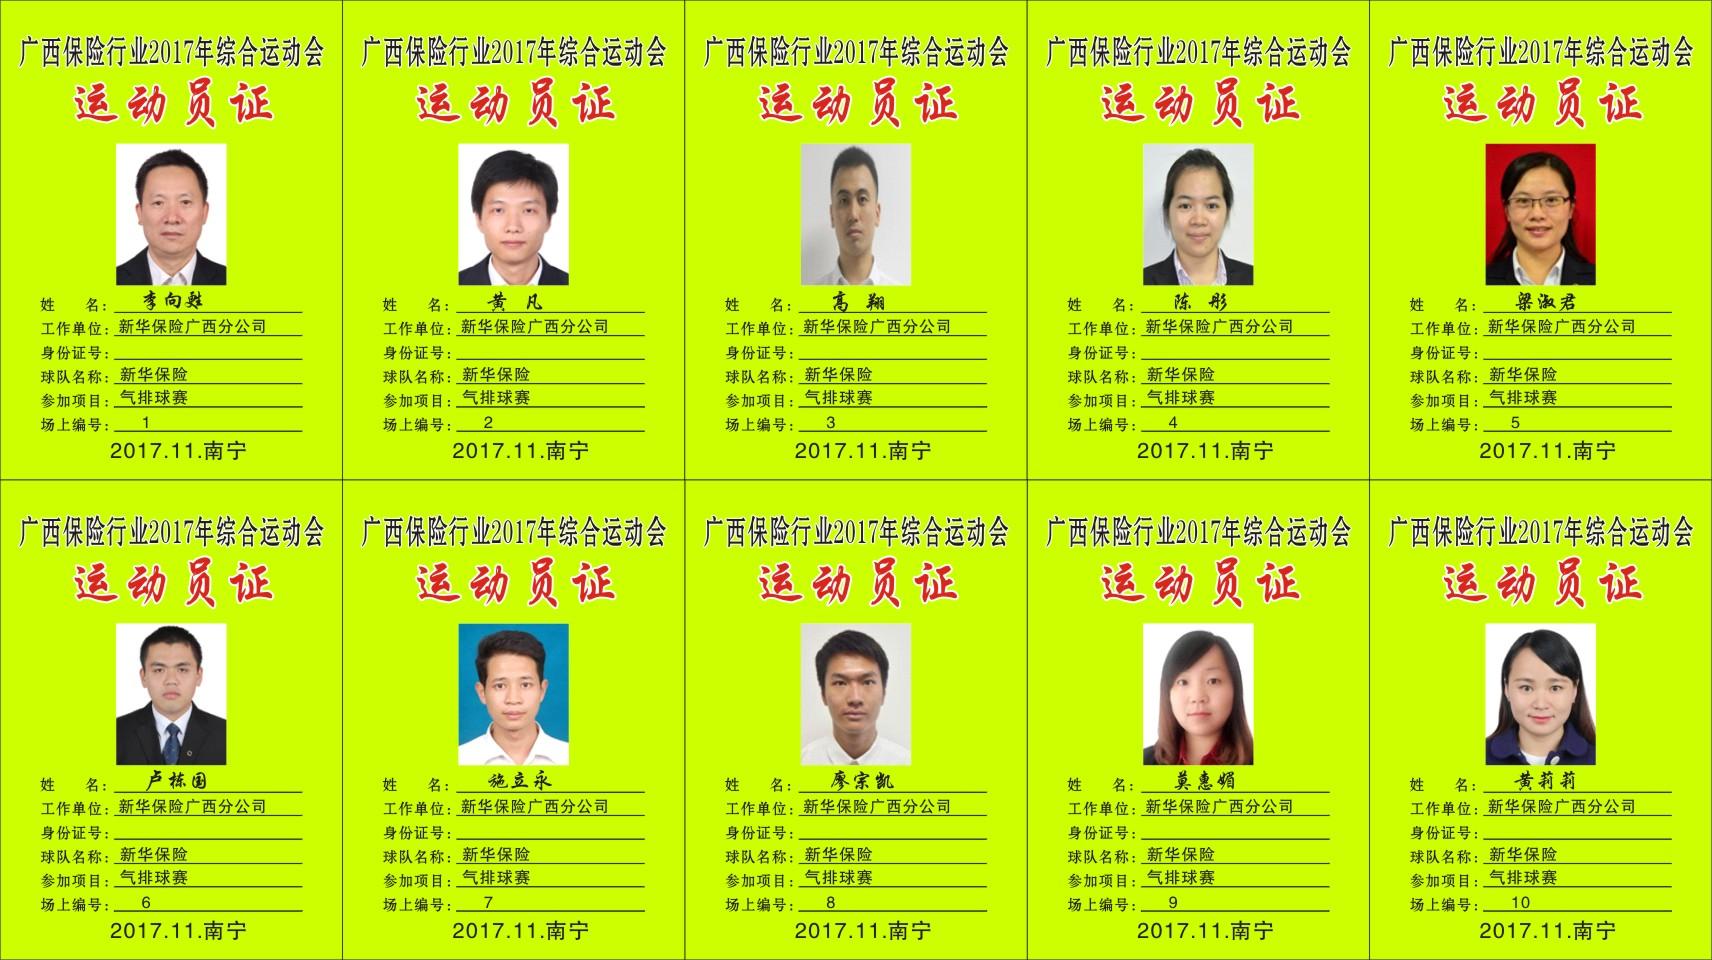 11新华保险广西分公司.jpg